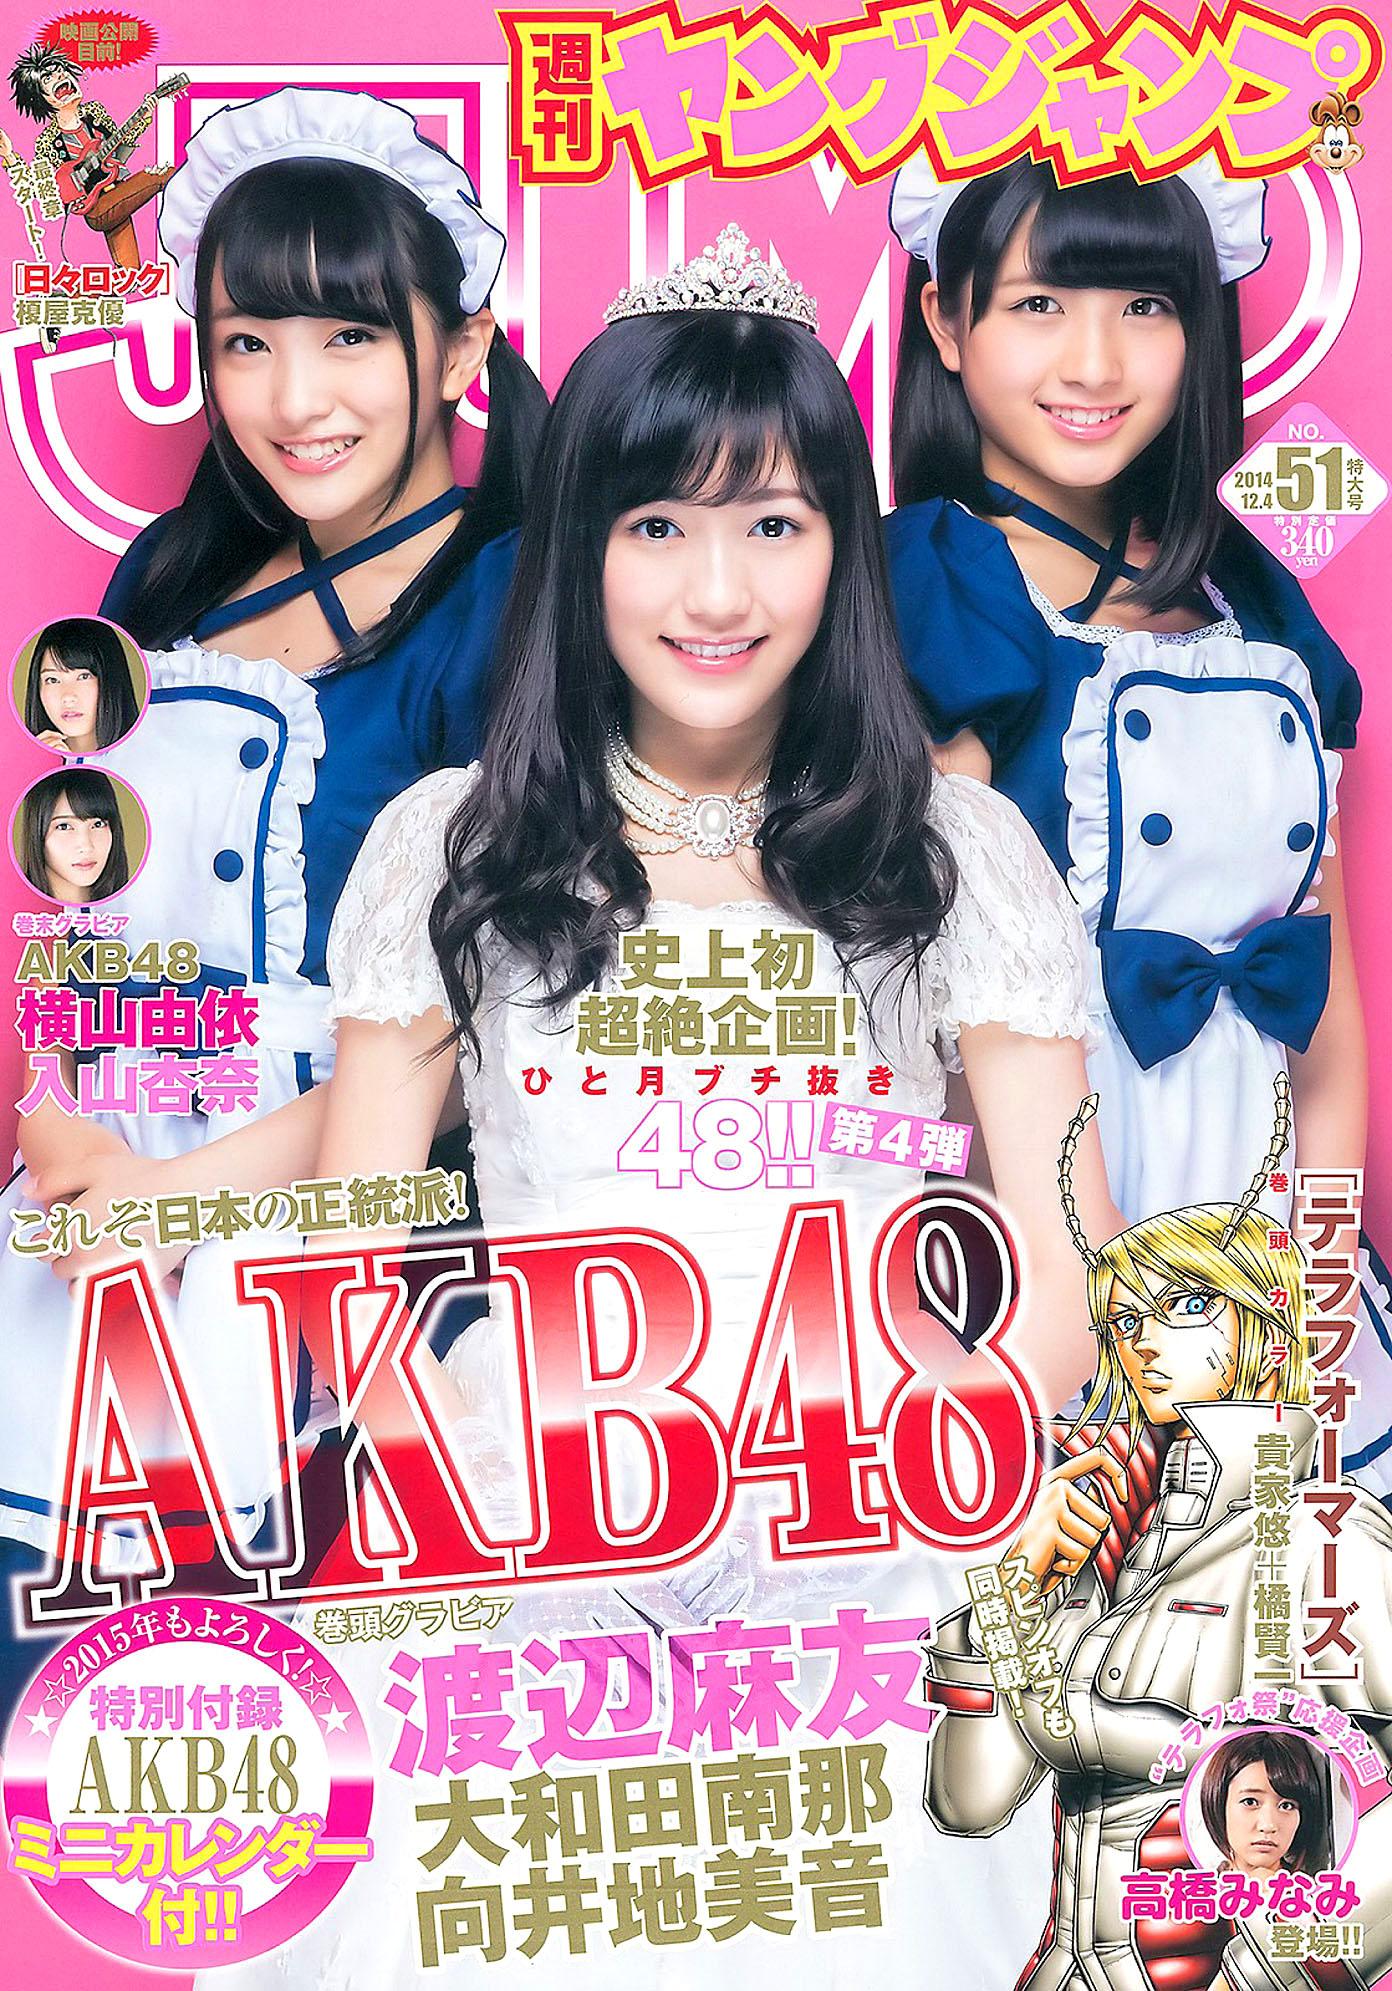 MMukaichi MWatanabe NOwada Young Jump 141204 01.jpg